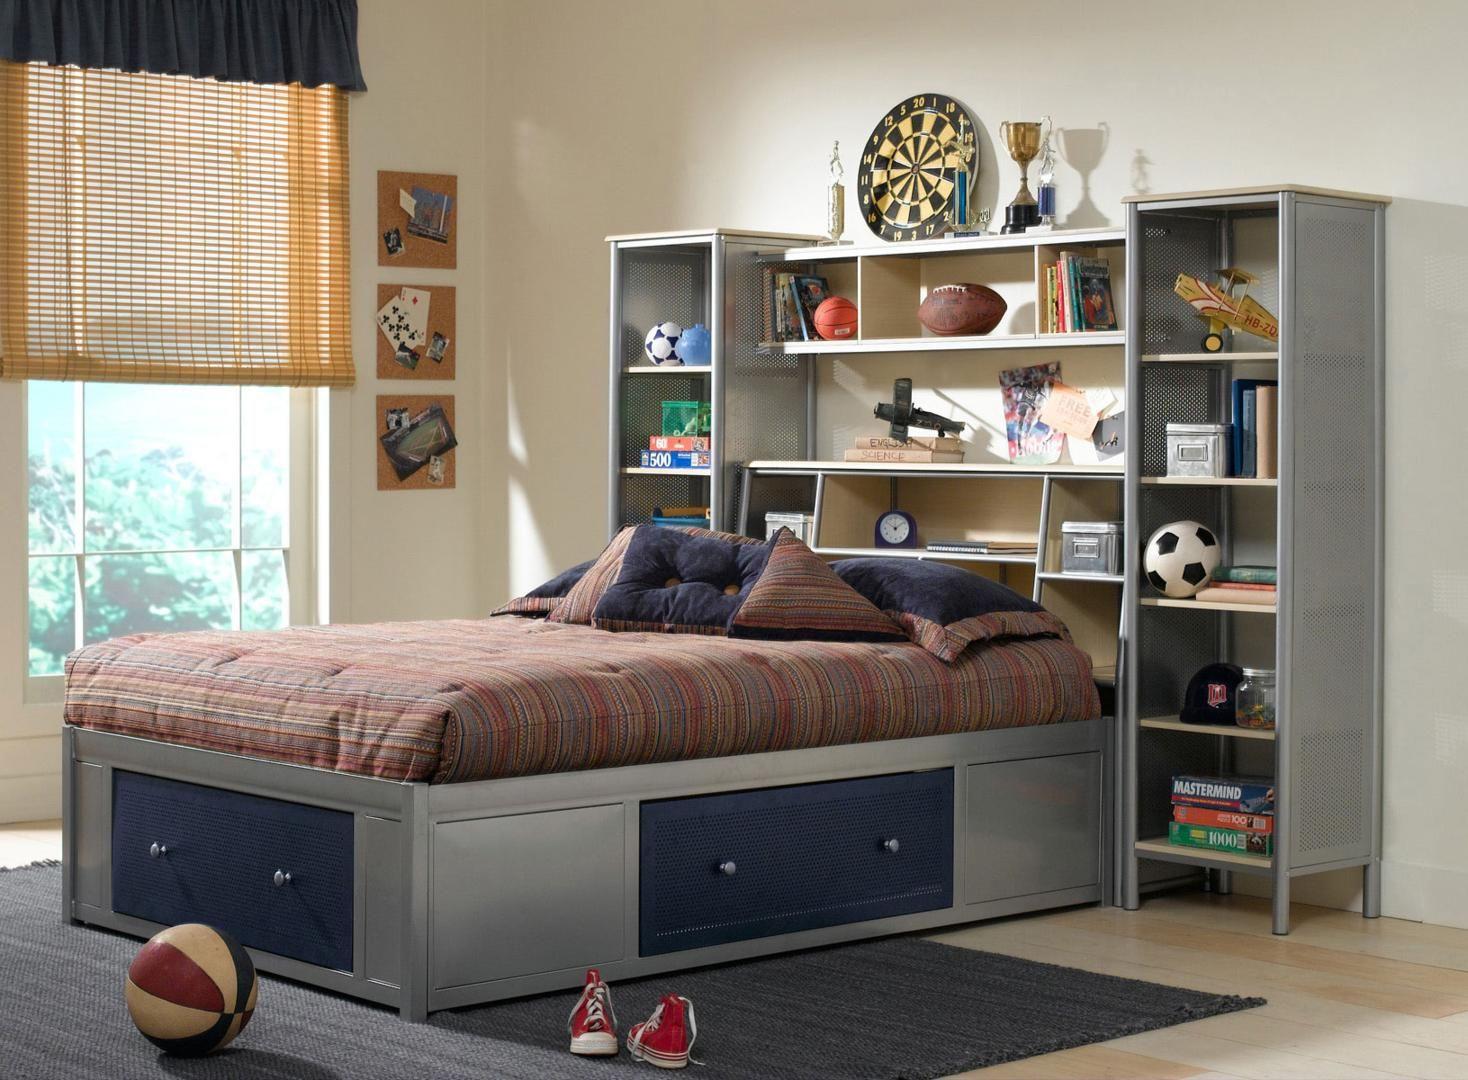 Hillsdale Furniture 1178472stgwp Brayden Series Full Size Bookcase Bed Platform Bedroom Sets Headboard Storage Shelves In Bedroom